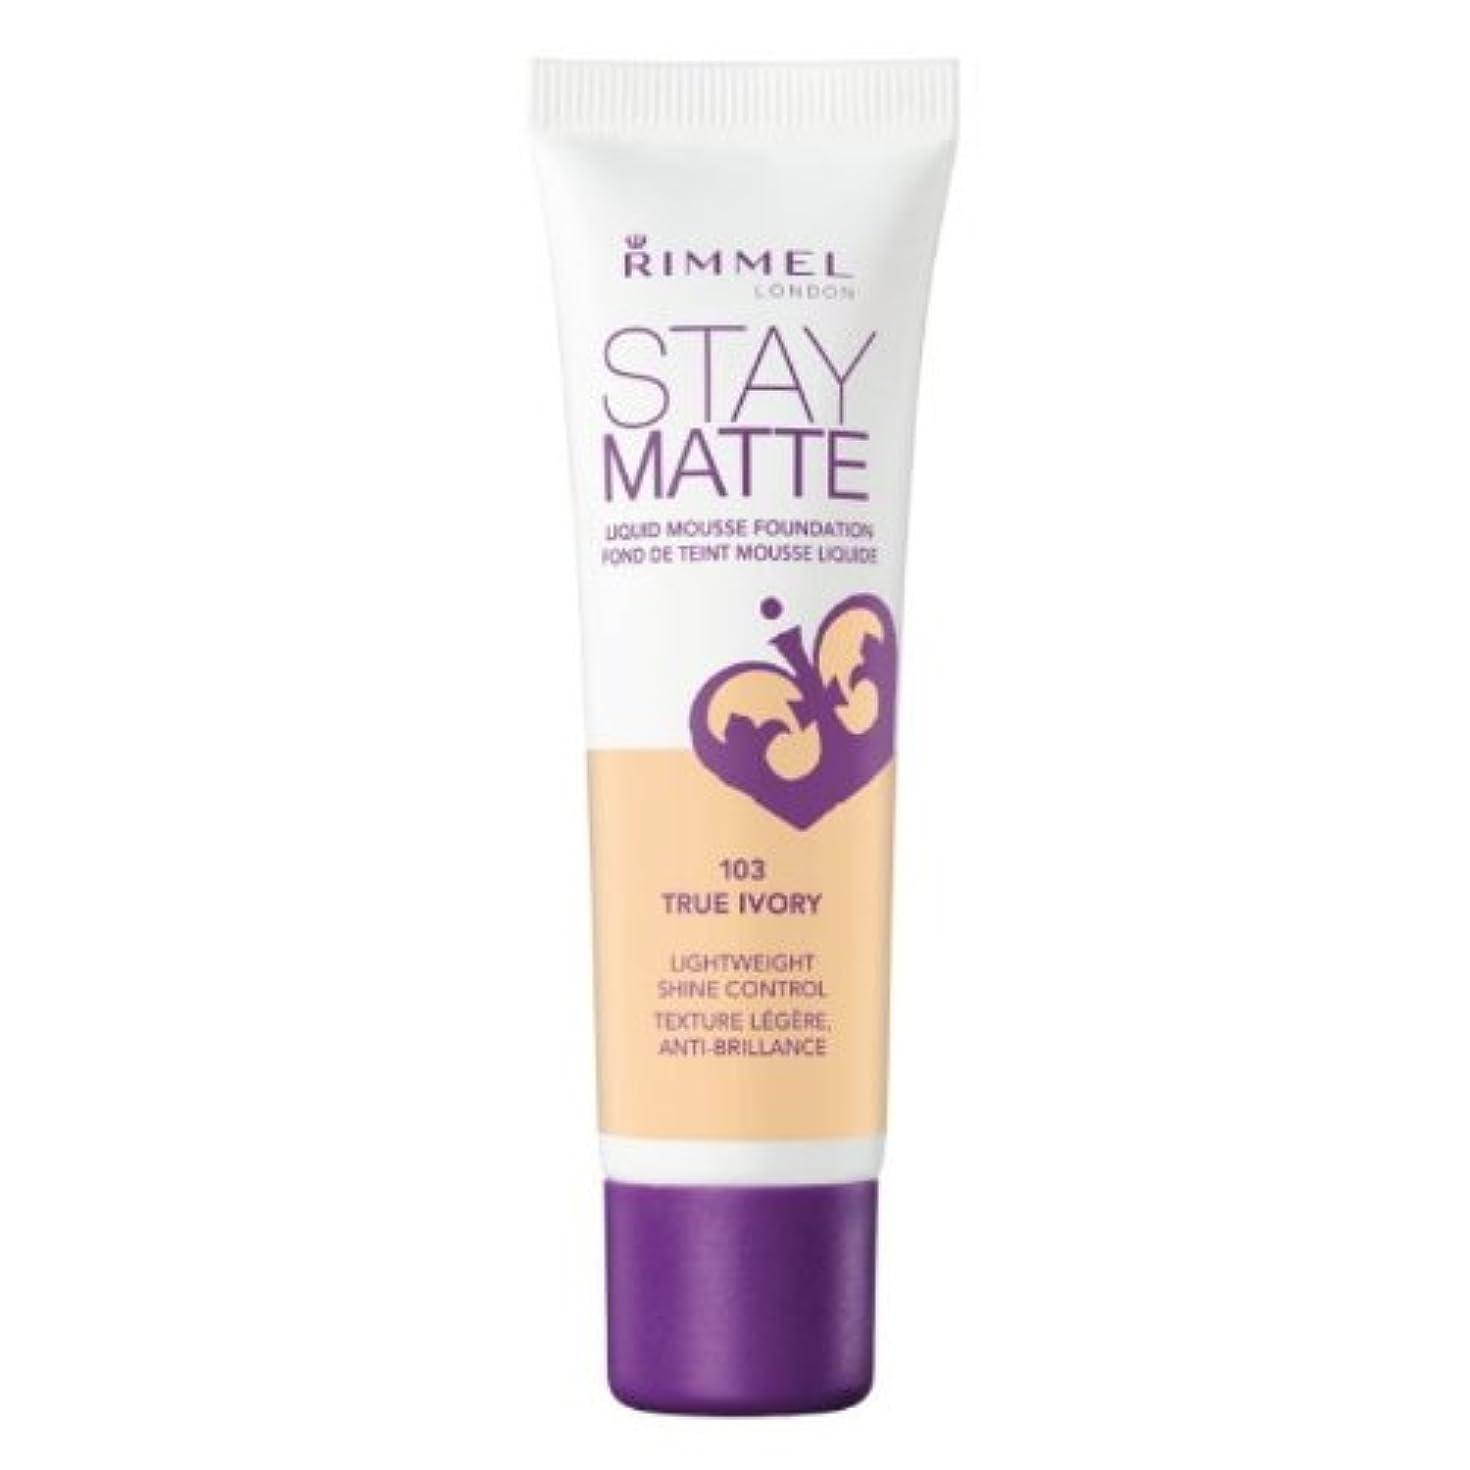 カジュアル湿地小数RIMMEL LONDON Stay Matte Liquid Mousse Foundation - True Ivory (並行輸入品)